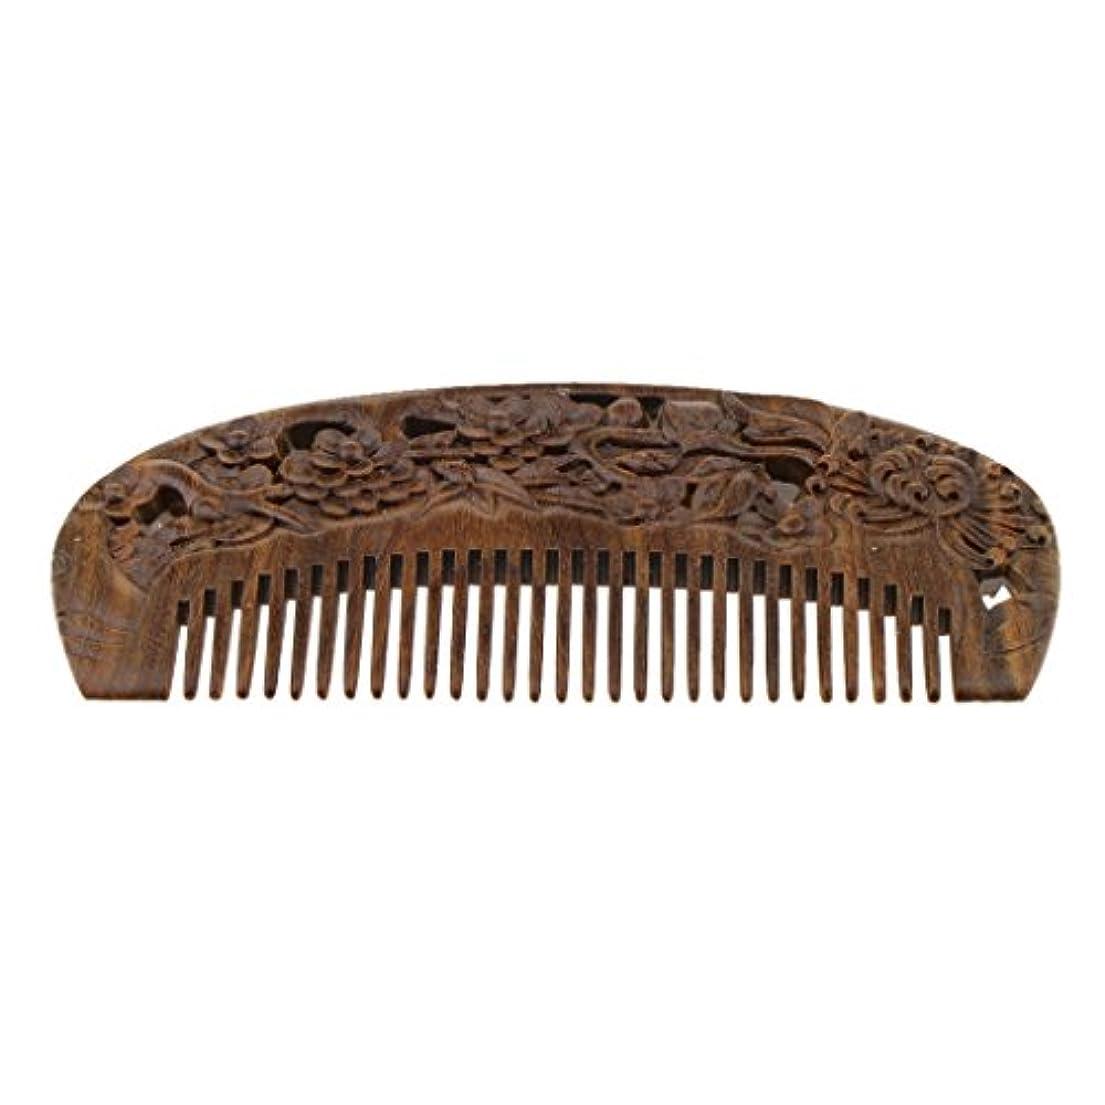 シャーロットブロンテ実行組み立てるKesoto ナチュラル ウッドコーム 木製コーム 頭皮マッサージ ワイド歯 ヘアブラシ ヘアスタイリング  2タイプ選べる - #2